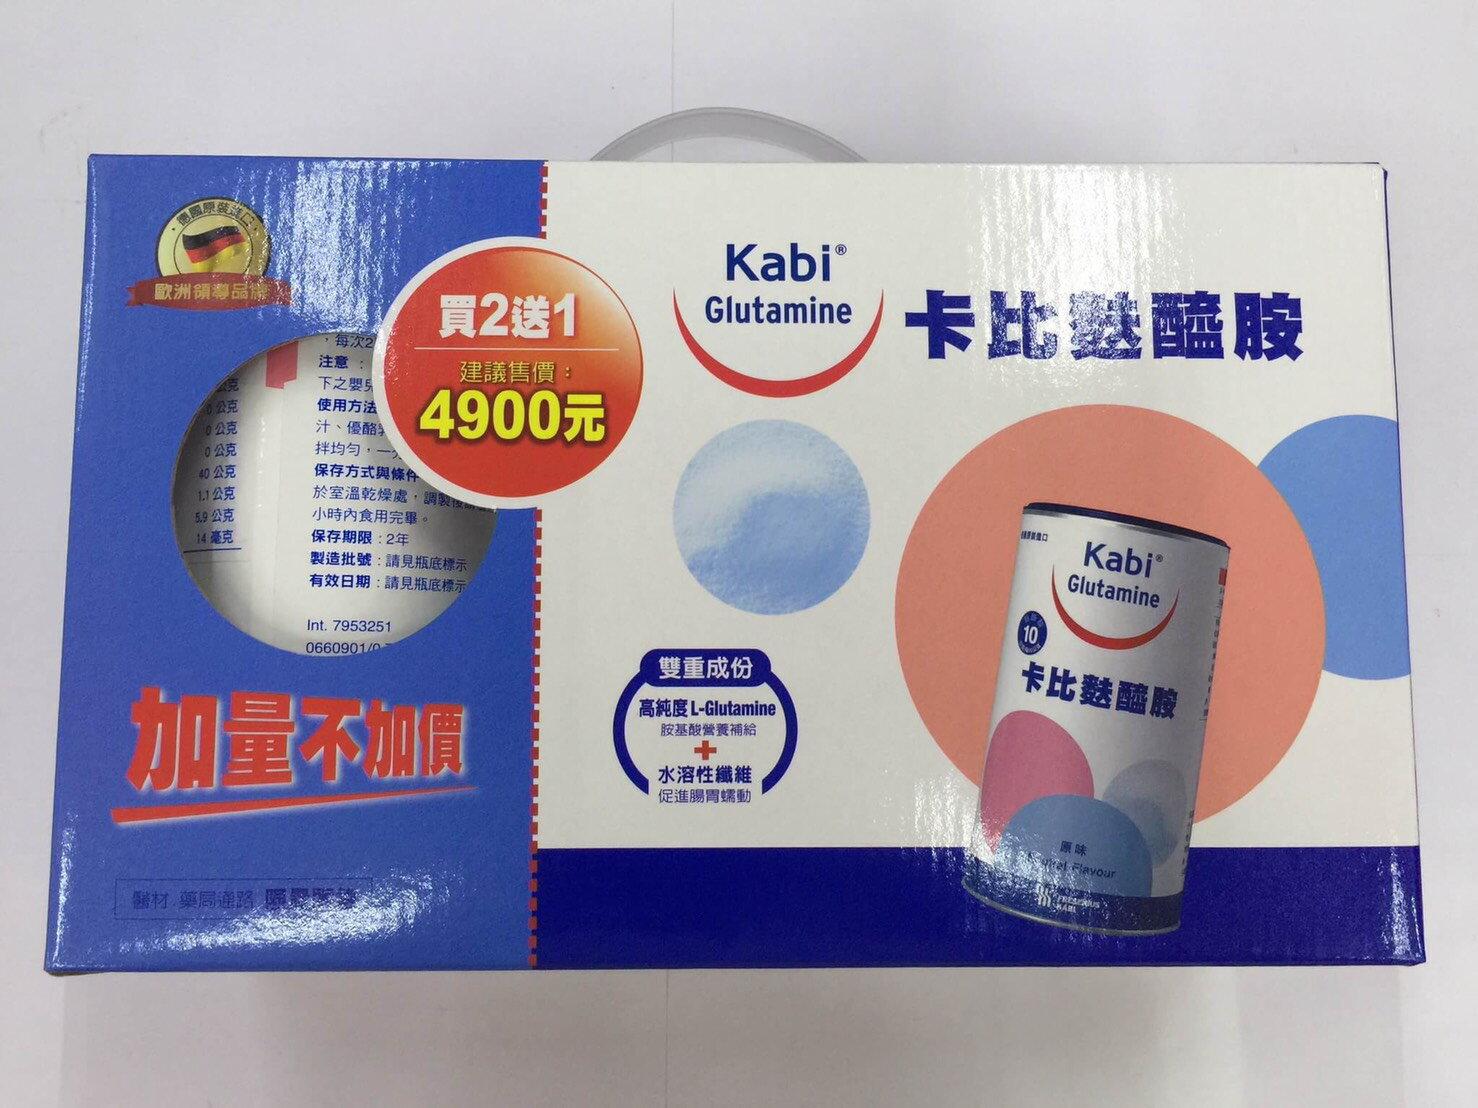 (買2送1) Kabi Glutamine卡比麩醯胺粉末 原味 450g/罐裝